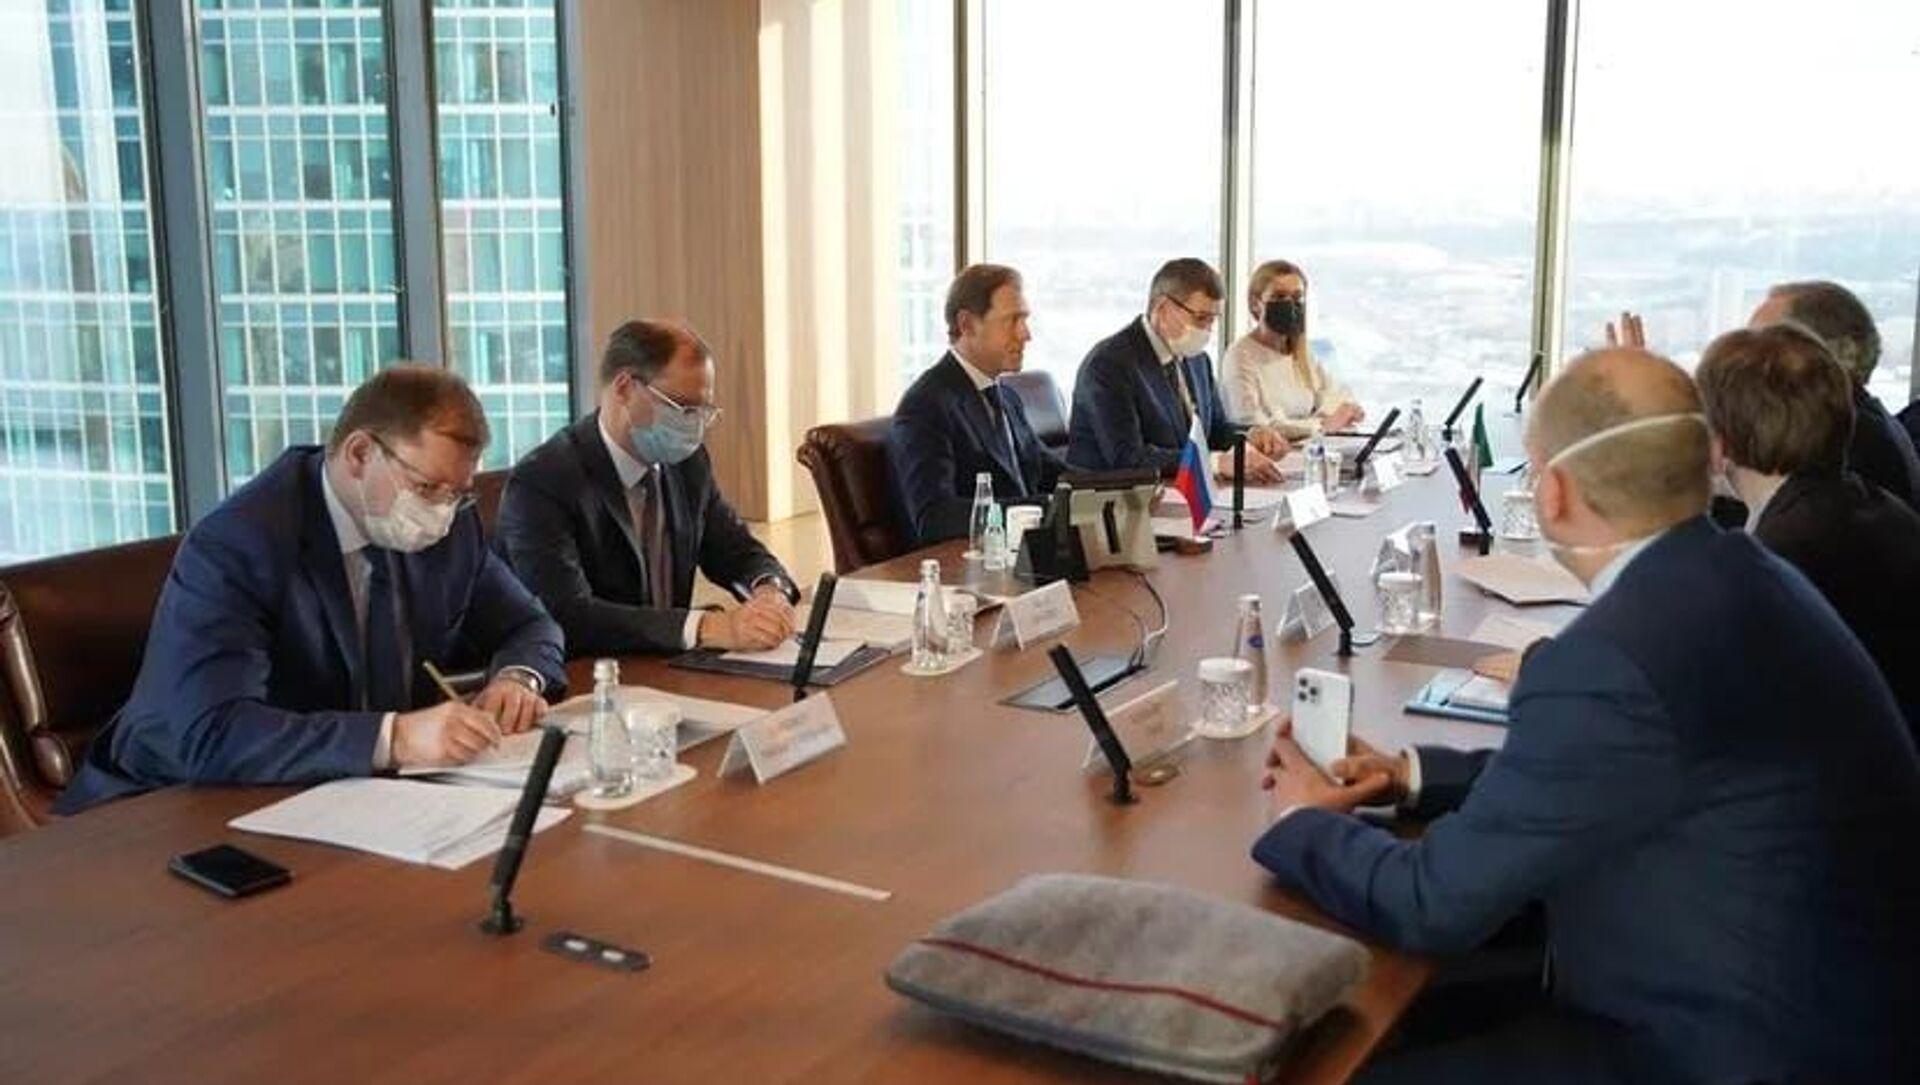 L'incontro tra il Ministro dello Sviluppo Economico russo Manturov e l'ambasciatore italiano Terracciano - Sputnik Italia, 1920, 09.03.2021